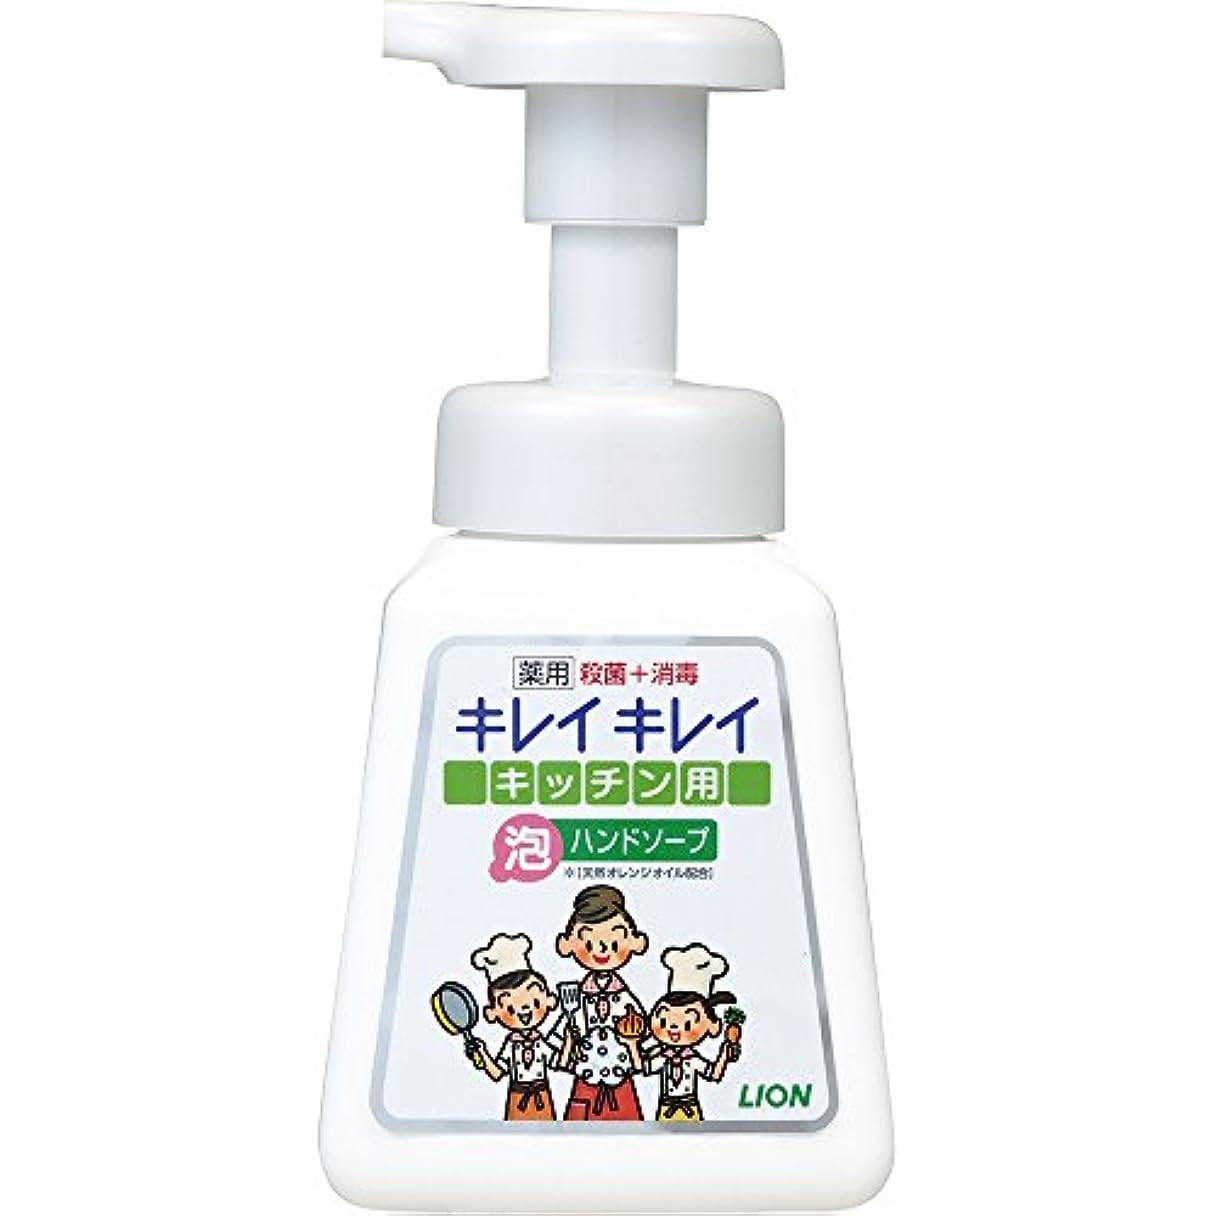 合金バター減衰キレイキレイ 薬用 キッチン泡ハンドソープ 本体ポンプ 230ml(医薬部外品)